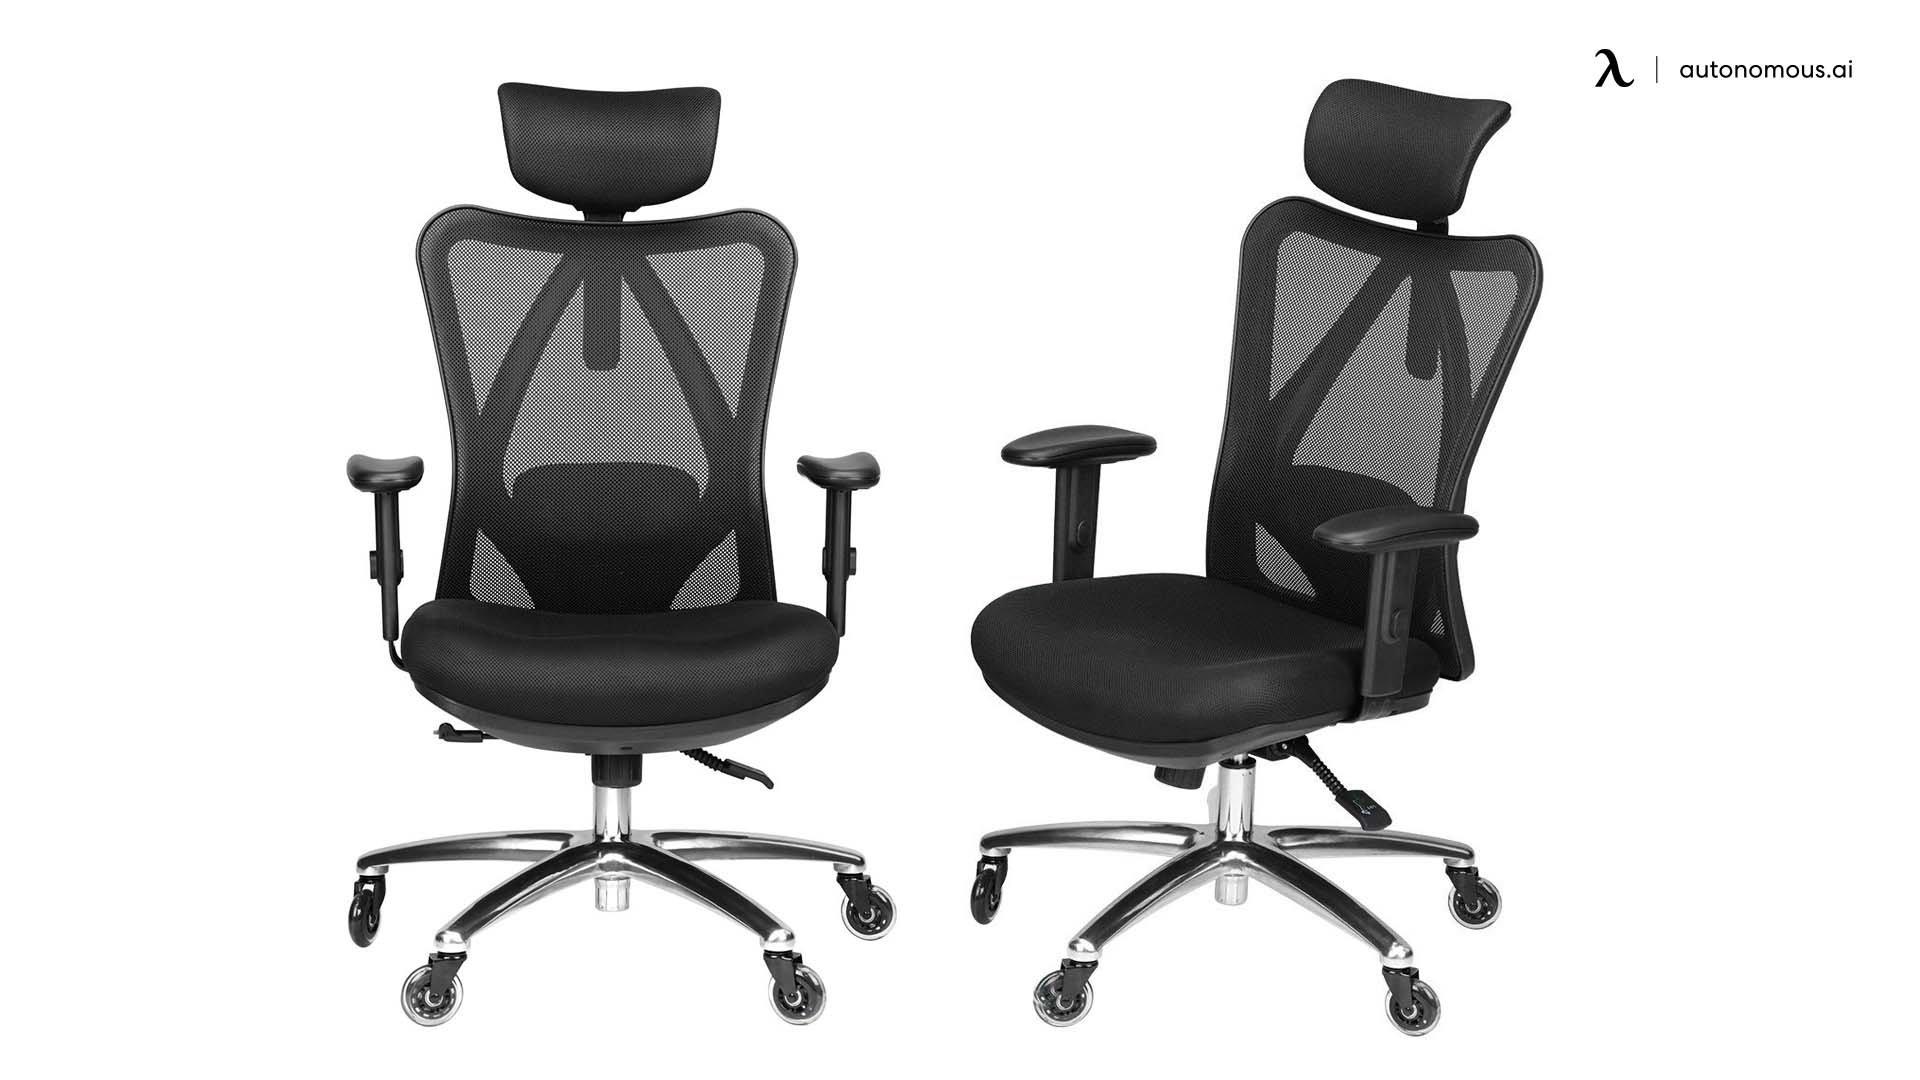 Duramount Ergonomic Chair